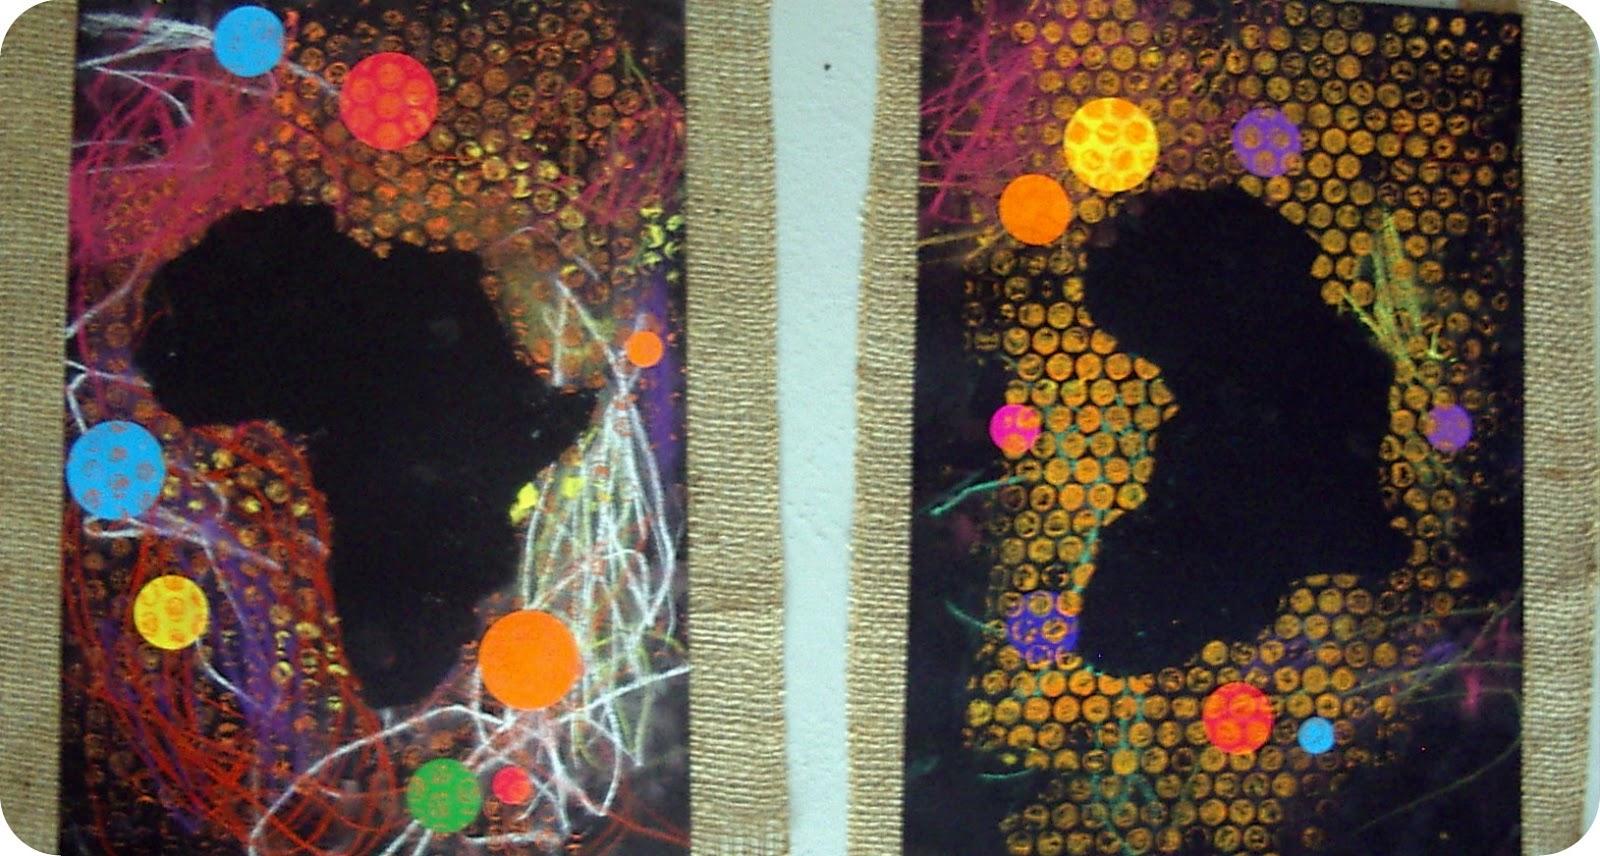 Berühmt Mickaëlle Delamé: Eveil en arts plastiques: African project ZW01